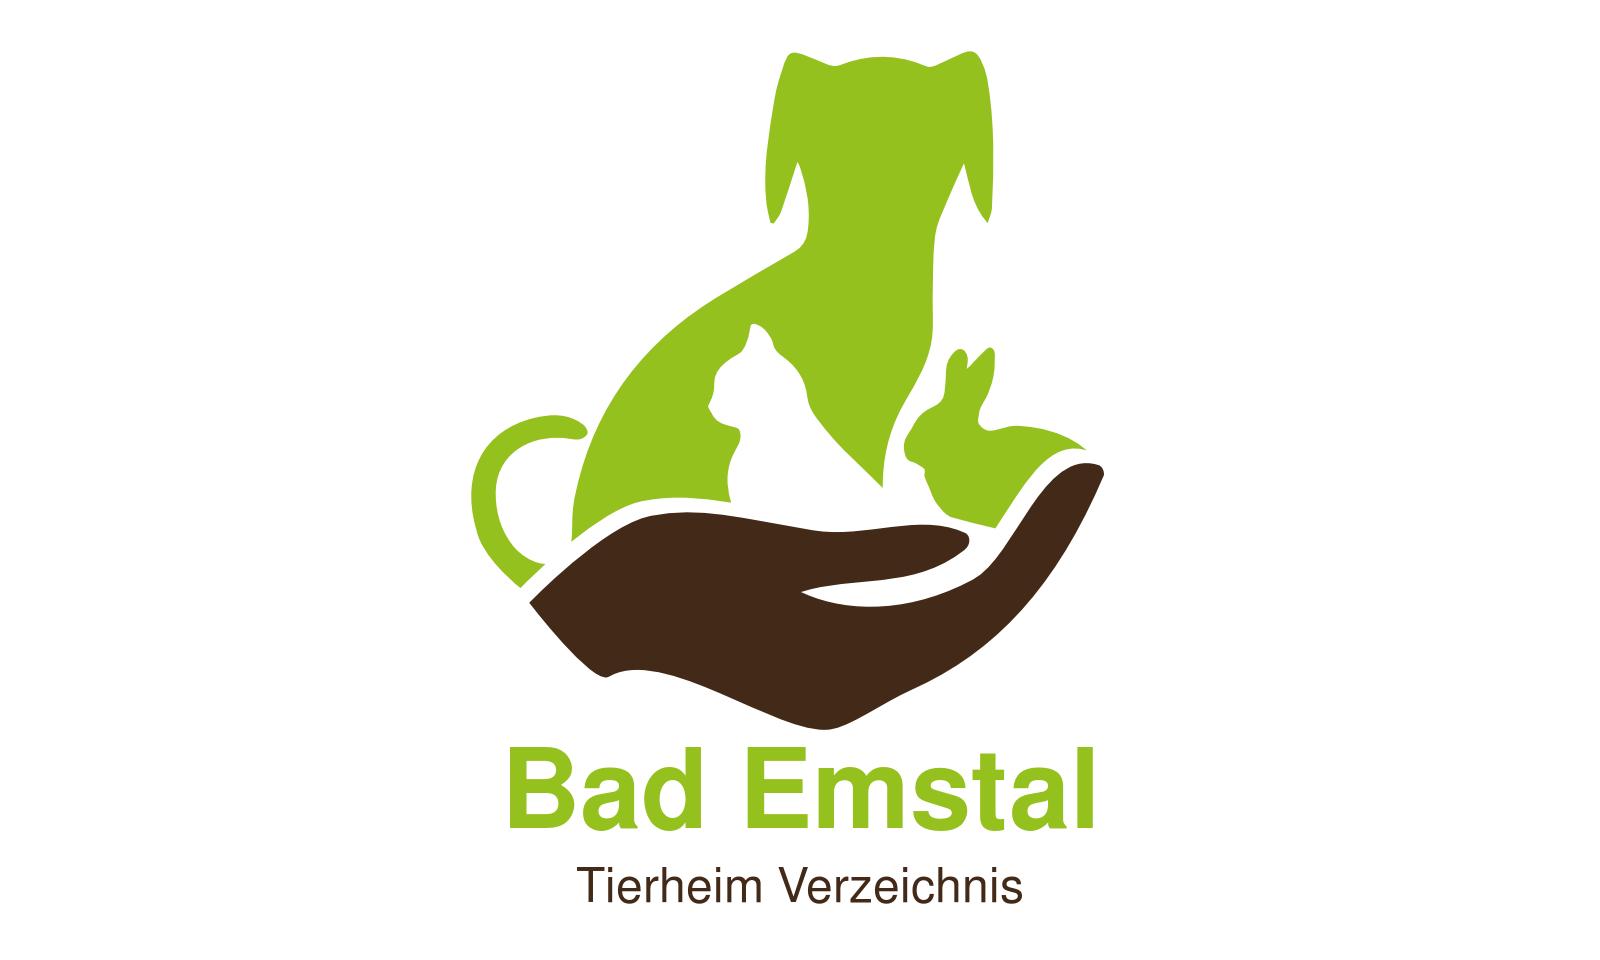 Tierheim Bad Emstal